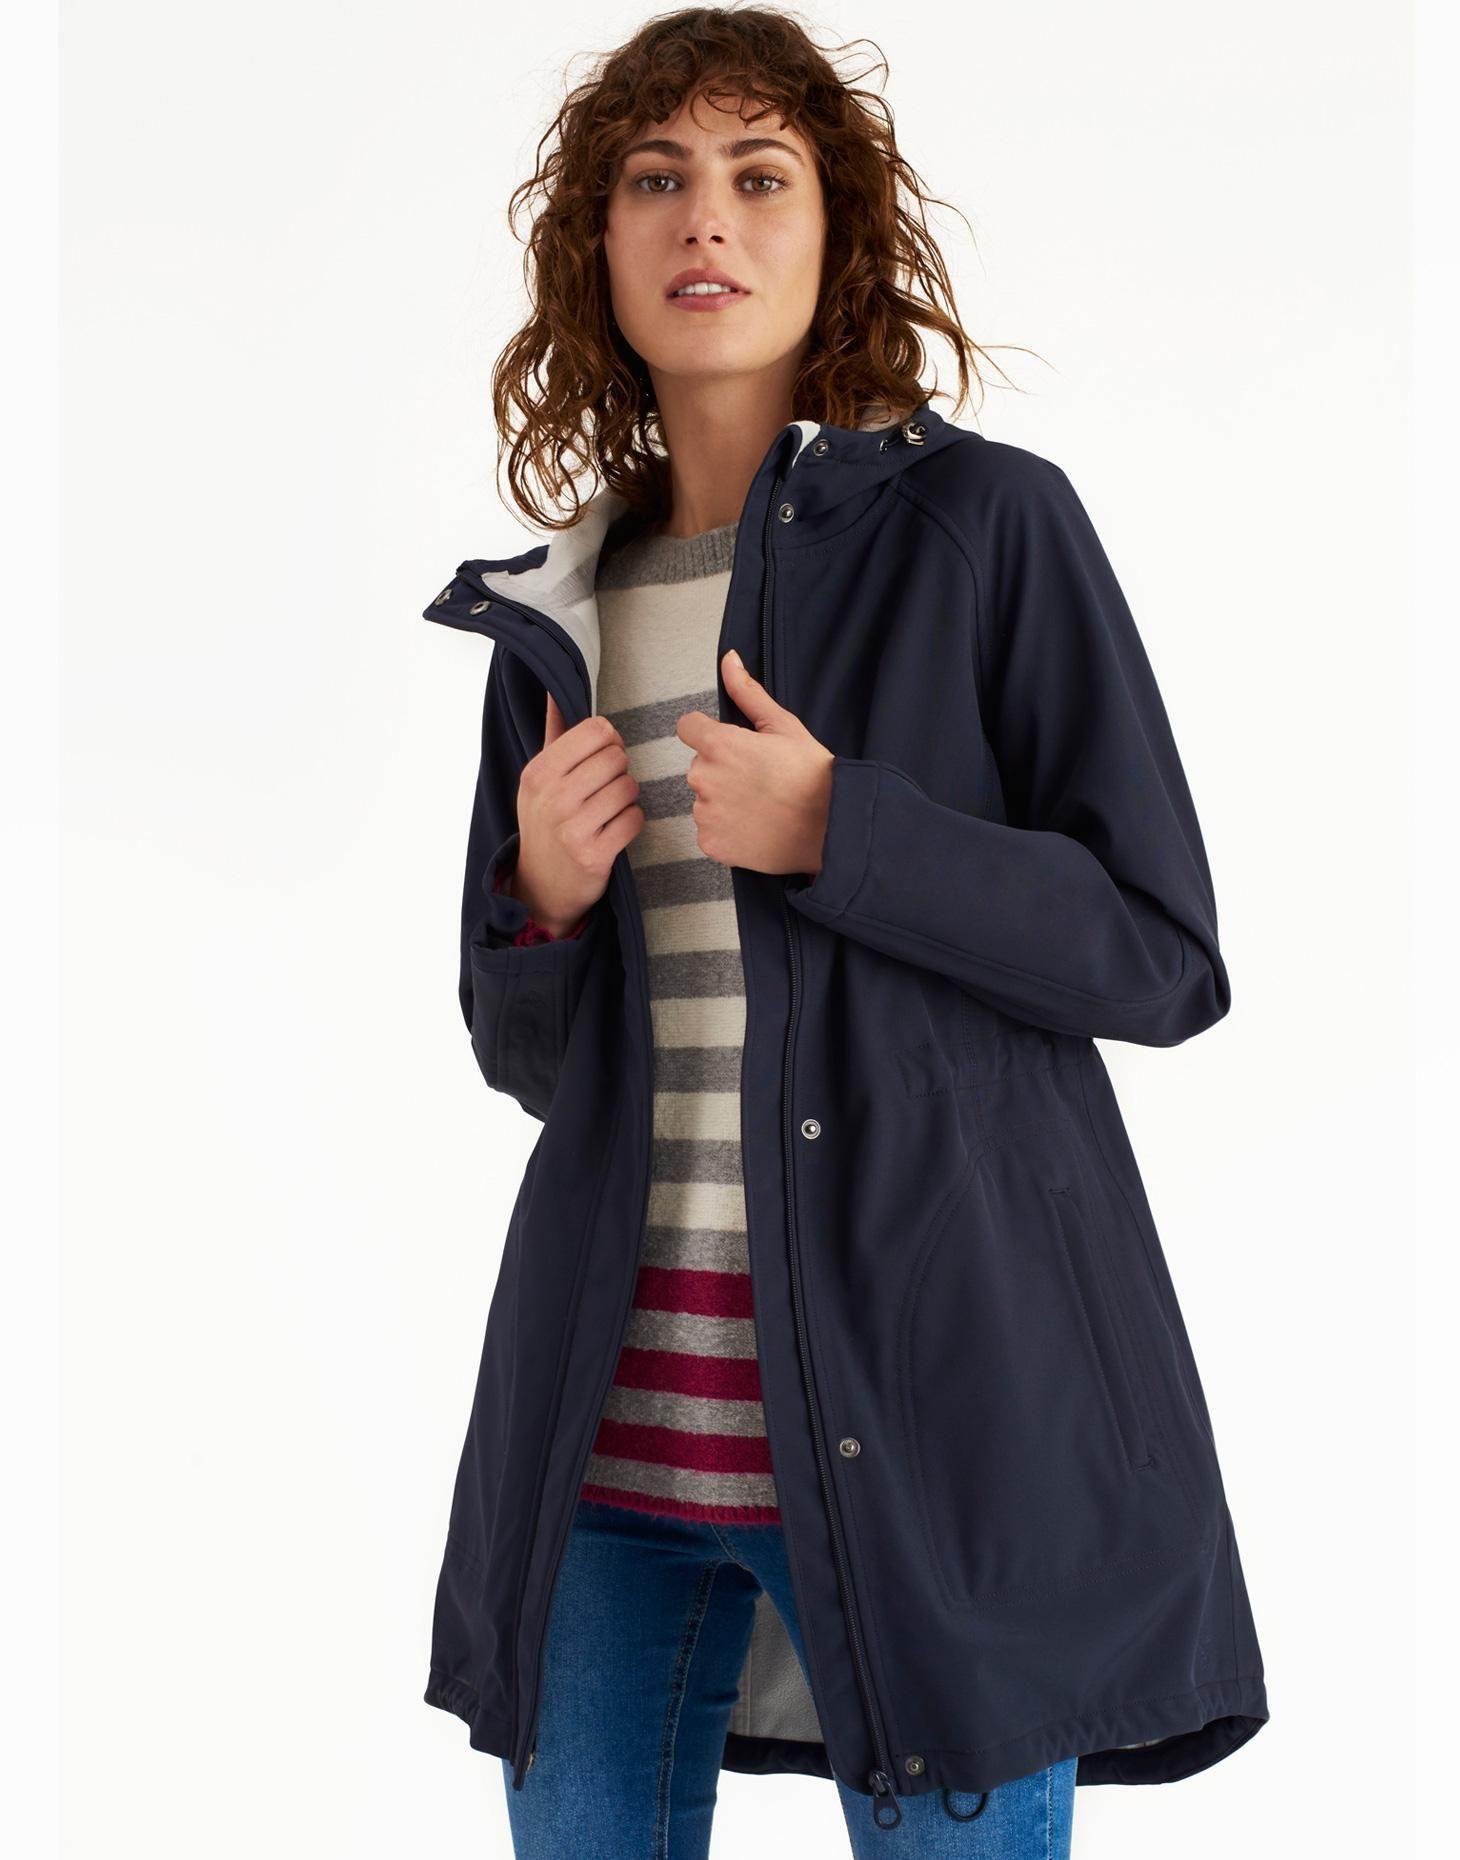 Westport Marine Navy Fleece Lined Waterproof Jacket Joules Uk Waterproof Jacket Womens Wholesale Clothing Womens Clothing Stores